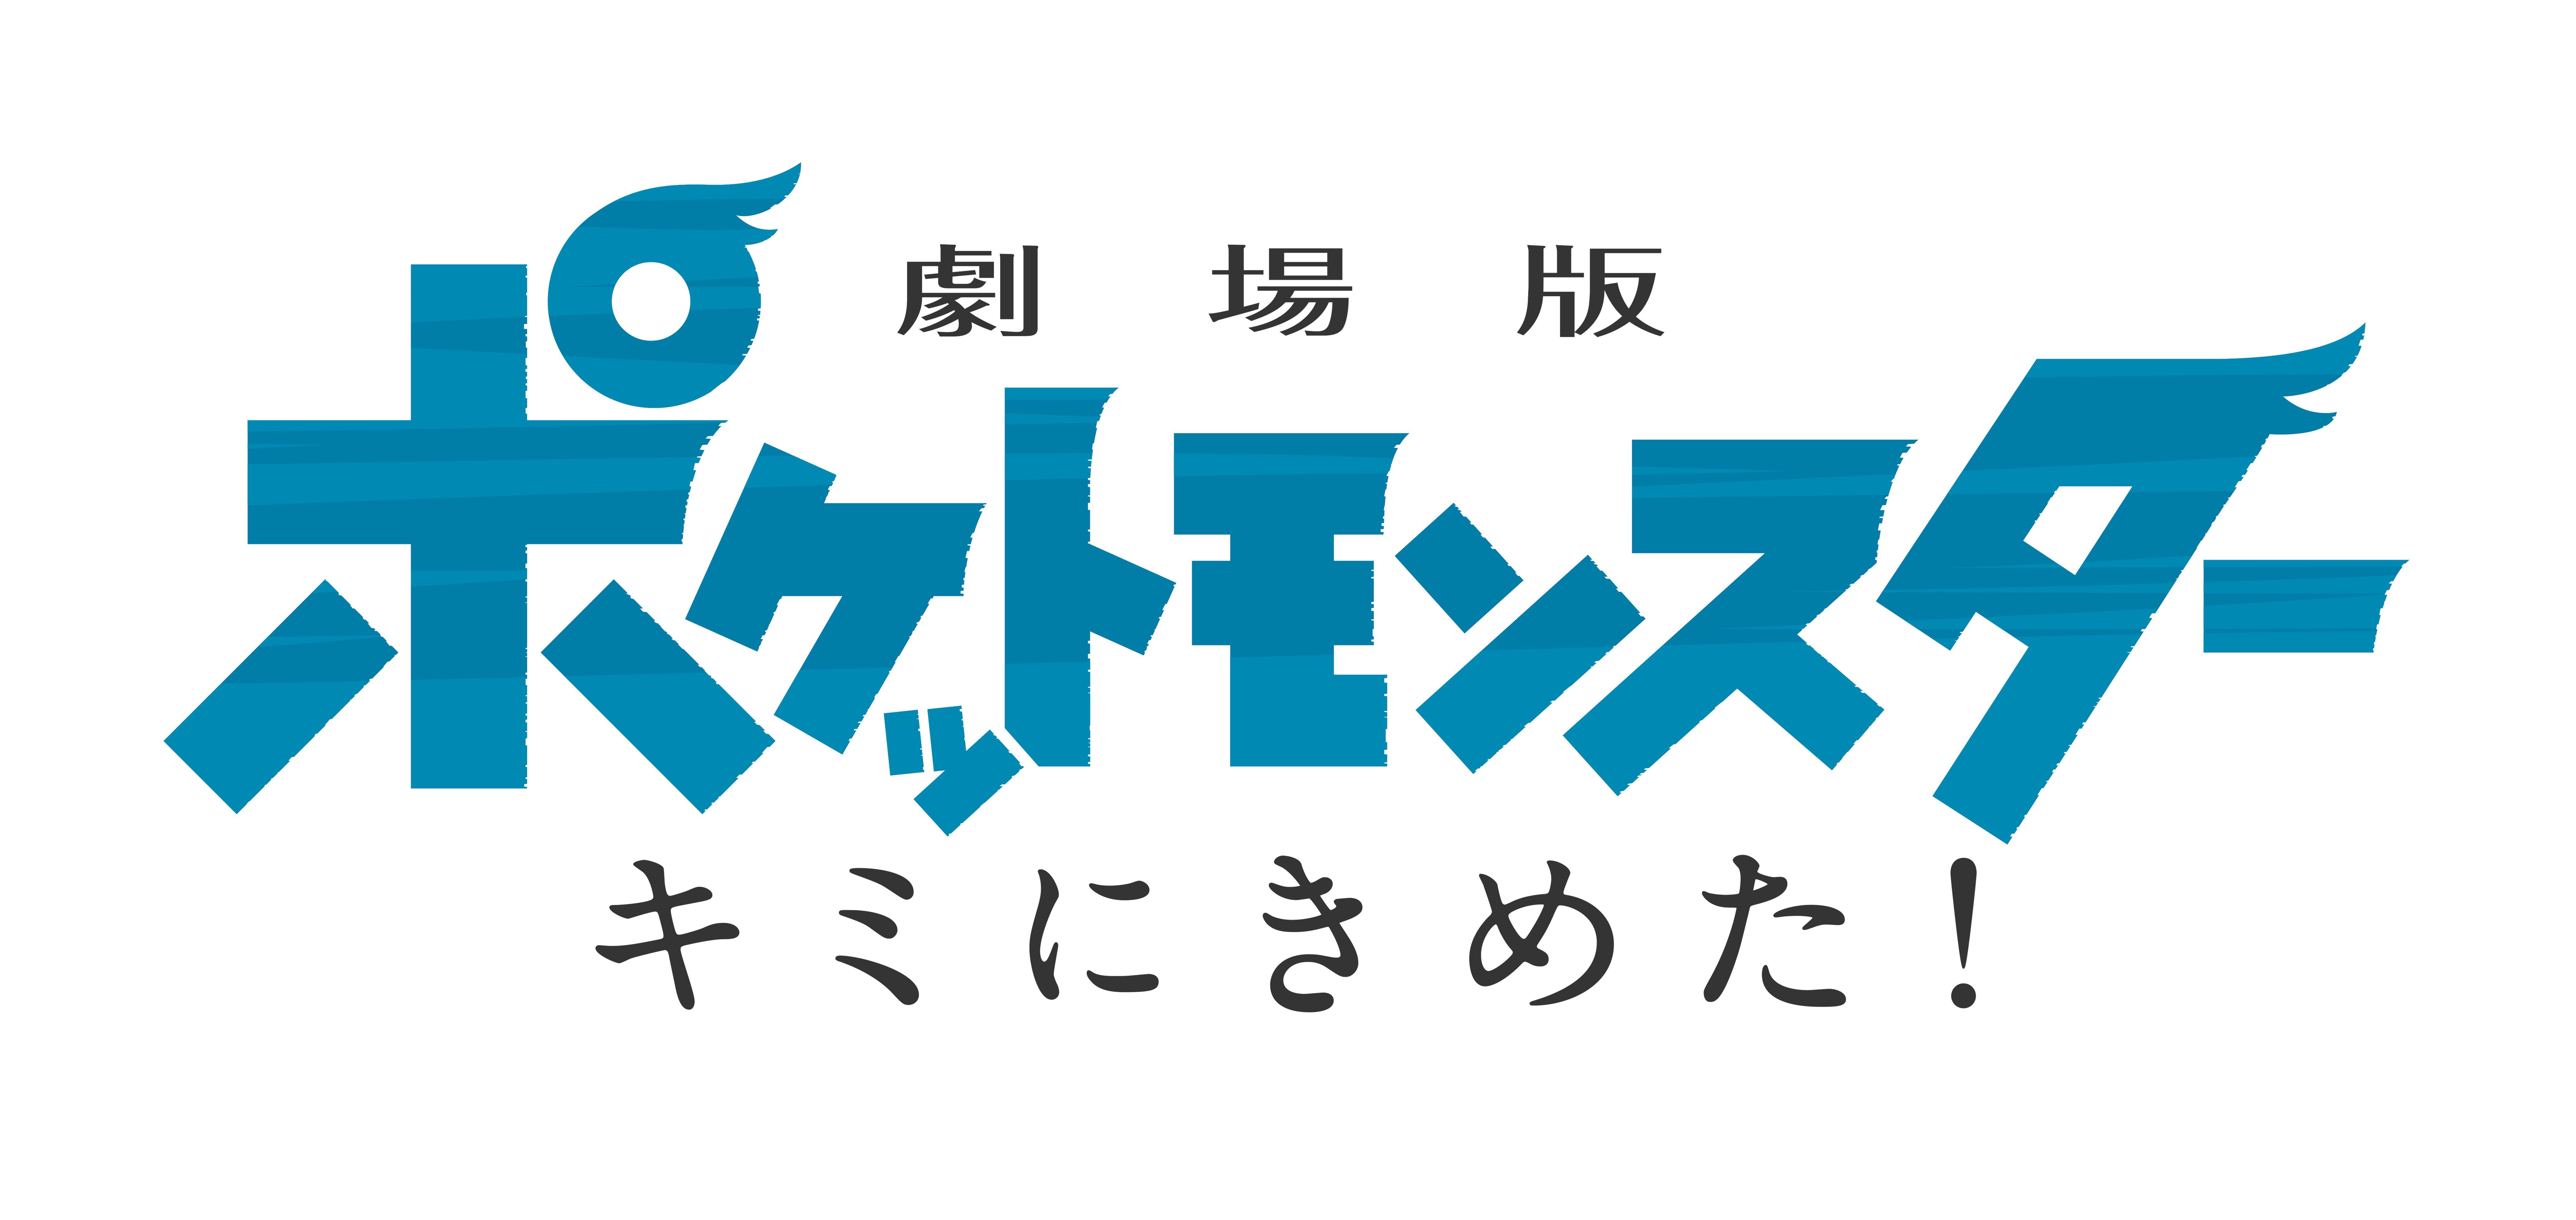 劇場版ポケットモンスター キミにきめた! | udcast